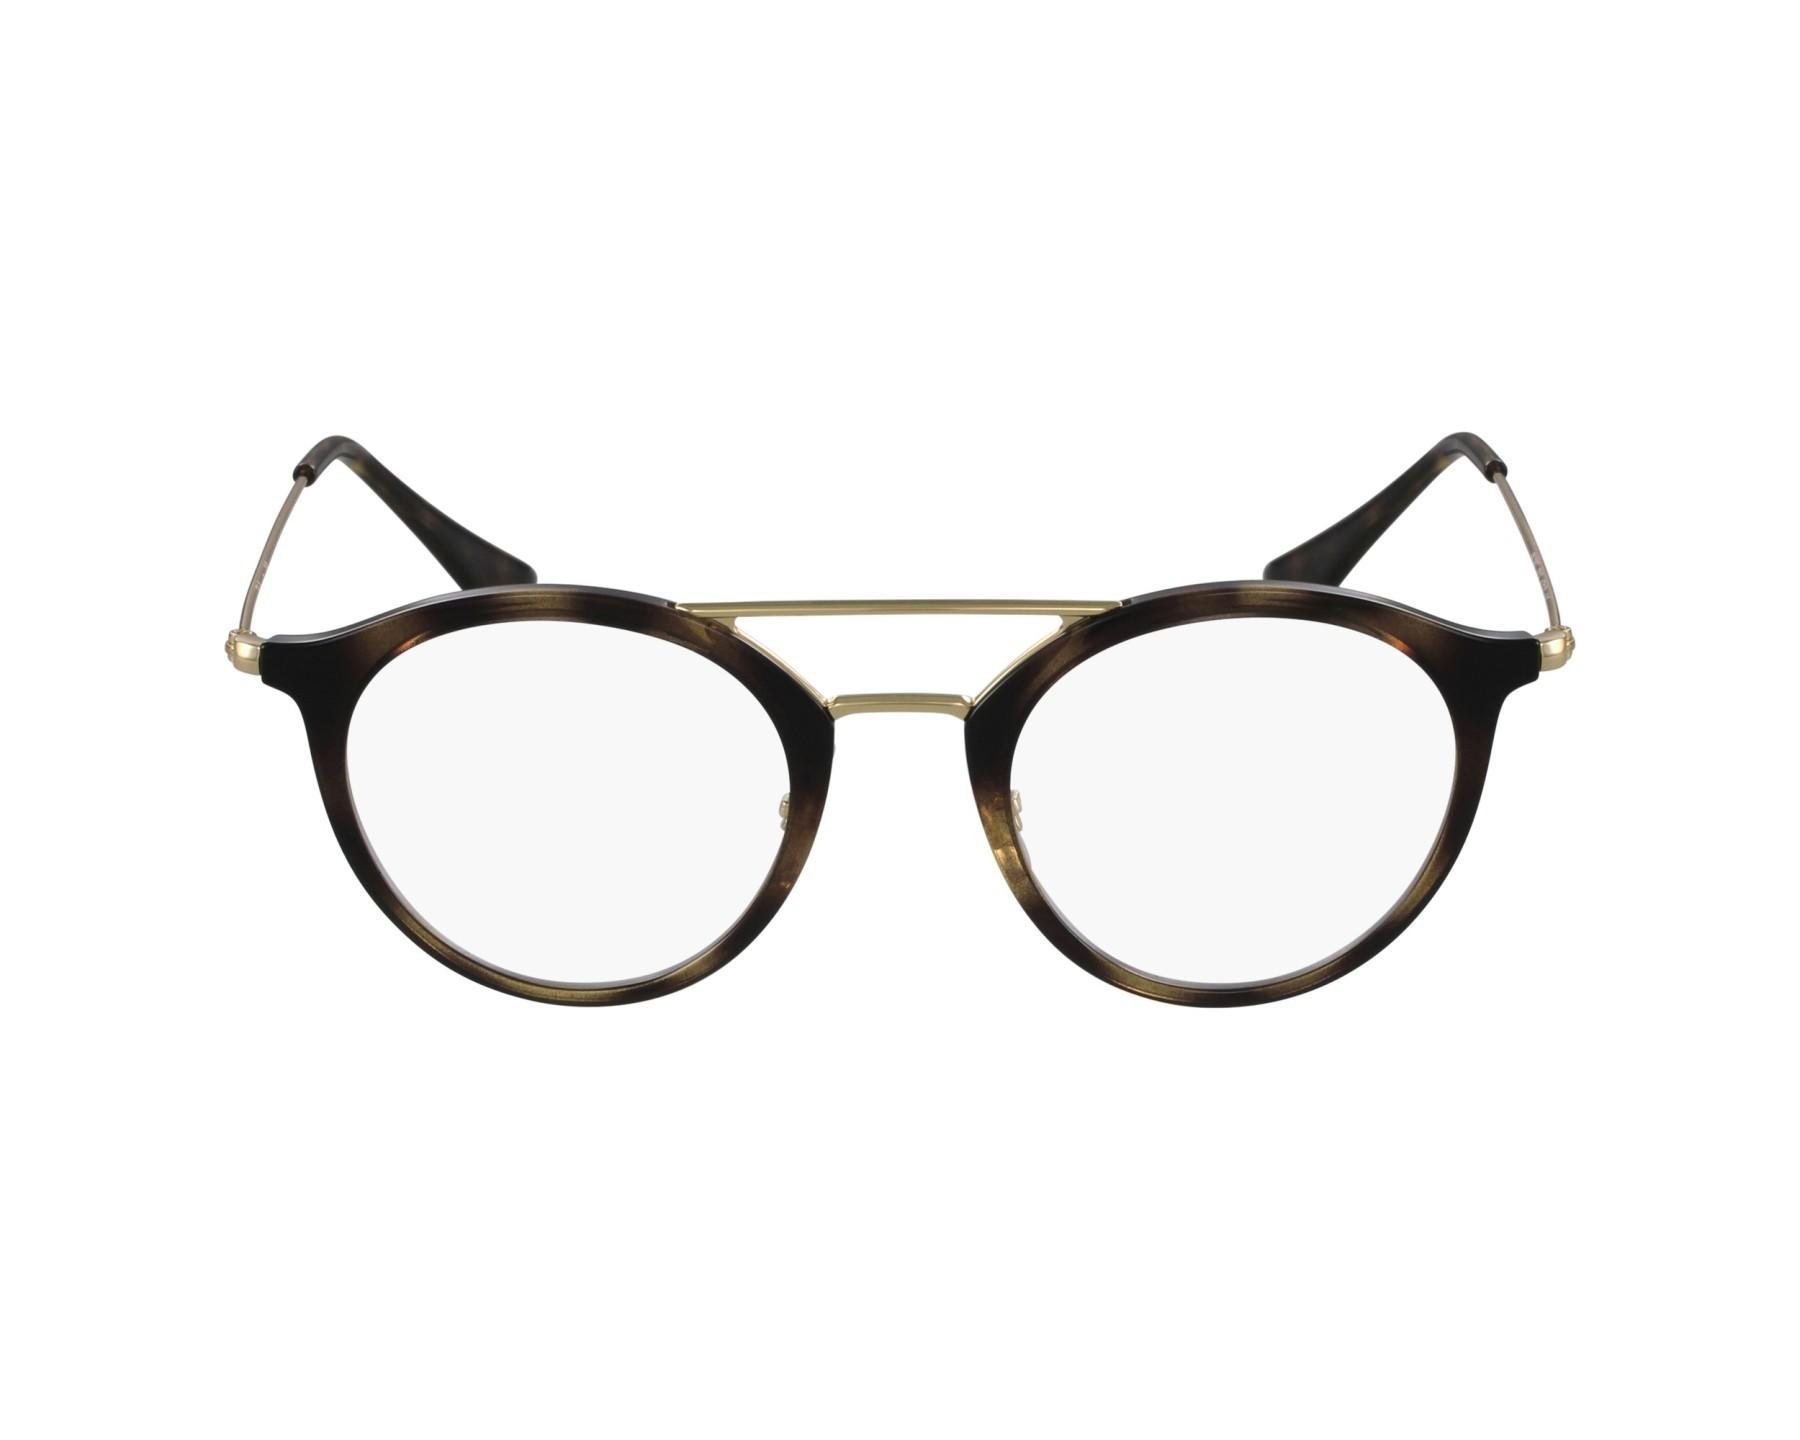 03e37dfae4a eyeglasses Ray-Ban RX-7097 2012 47-21 Havana Gold profile view